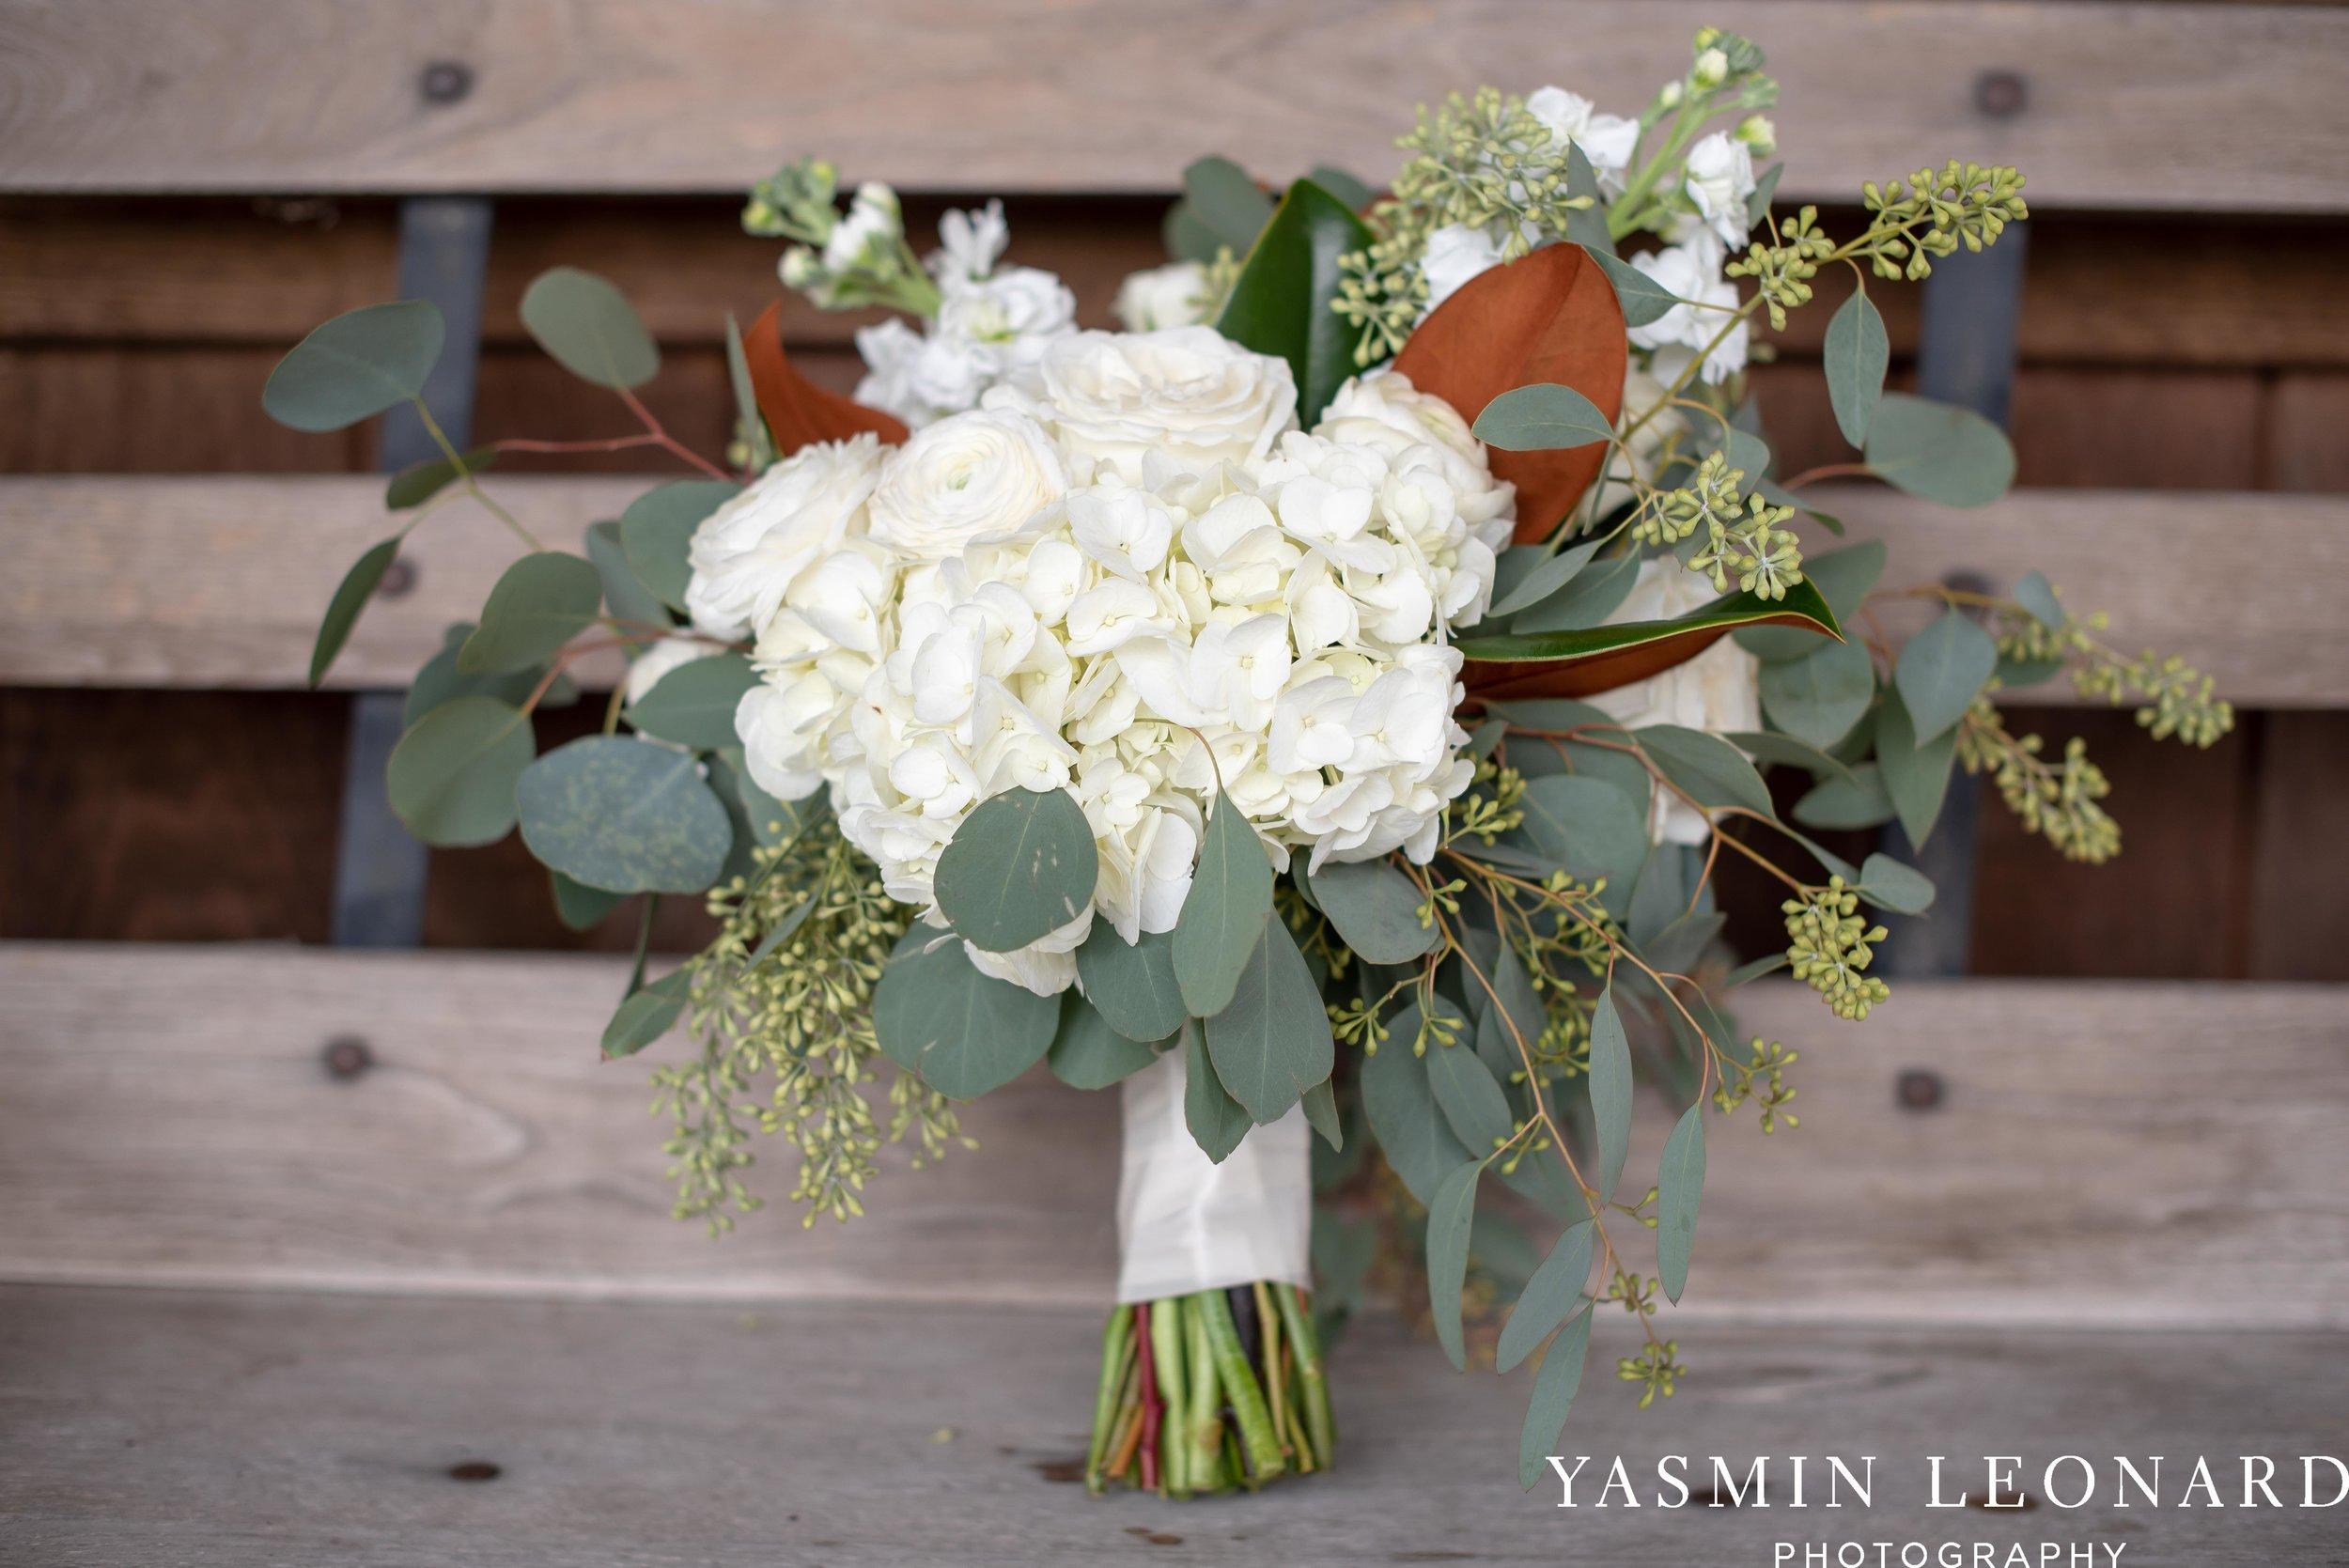 Adaumont Farm - Wesley Memorial Weddings - High Point Weddings - Just Priceless - NC Wedding Photographer - Yasmin Leonard Photography - High Point Wedding Vendors-4.jpg